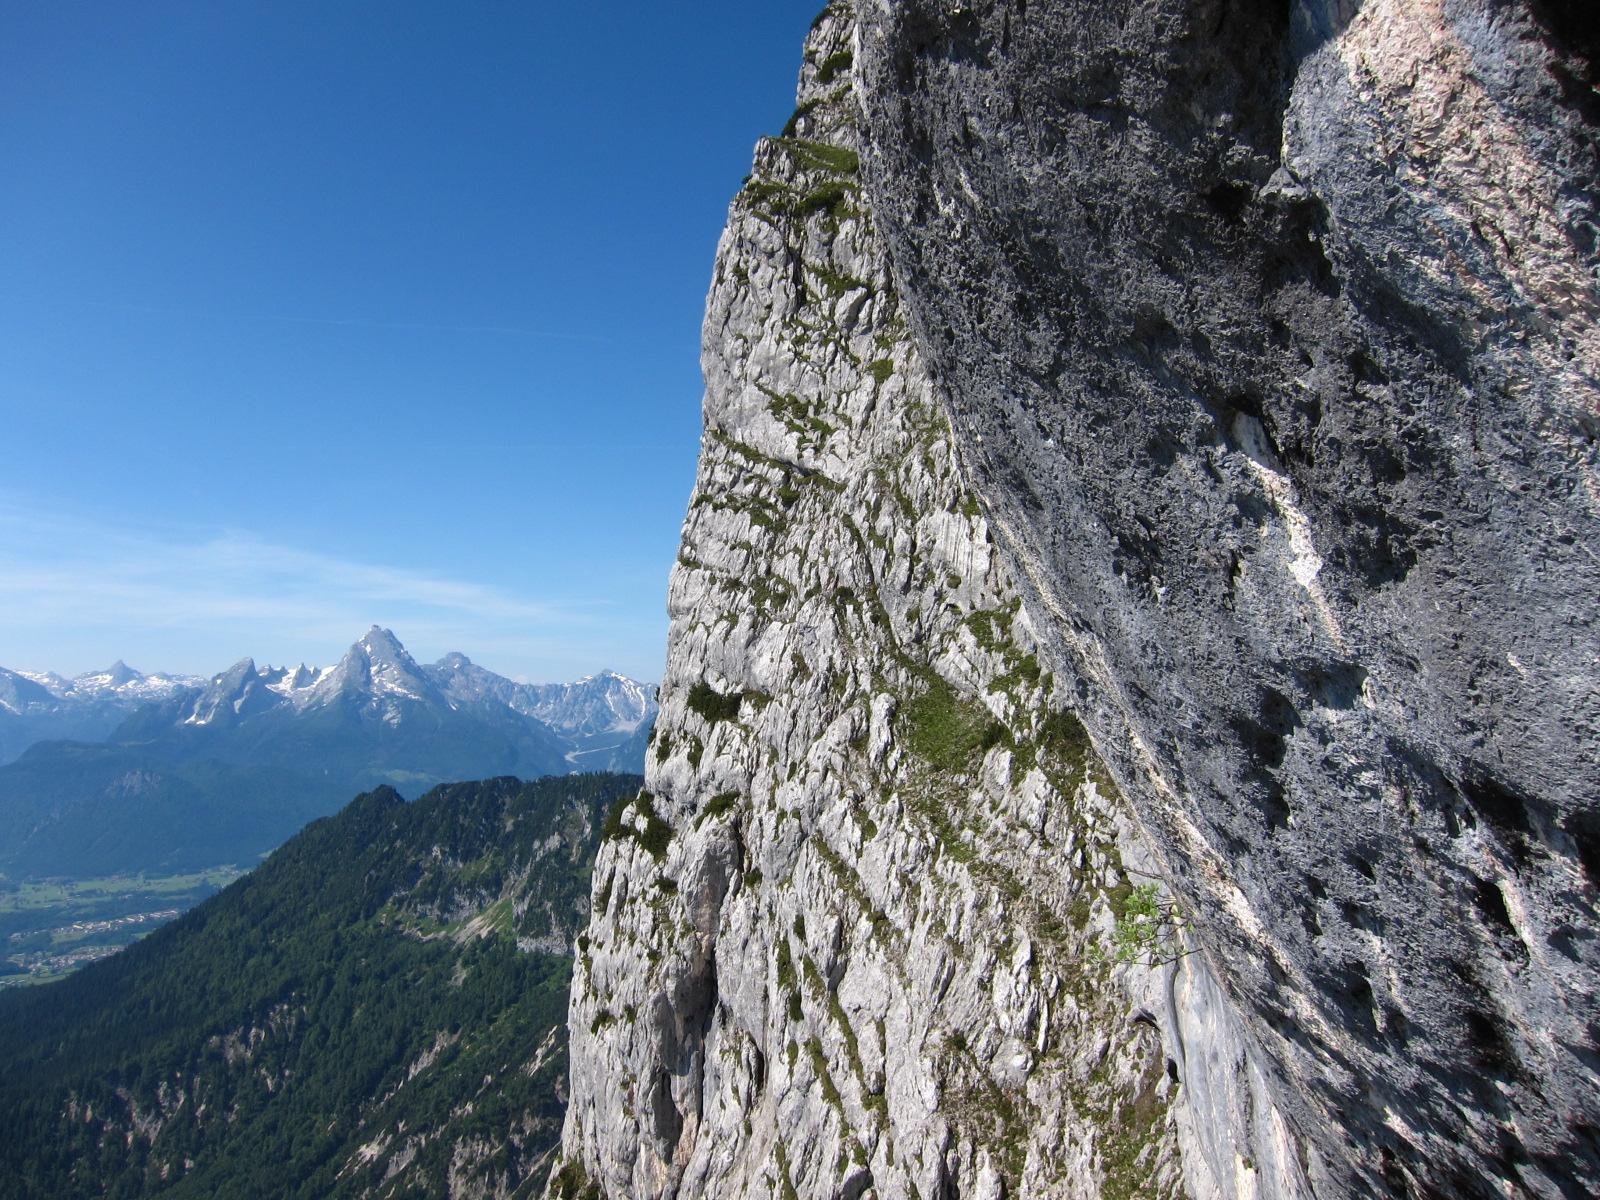 Rast am Klettersteig